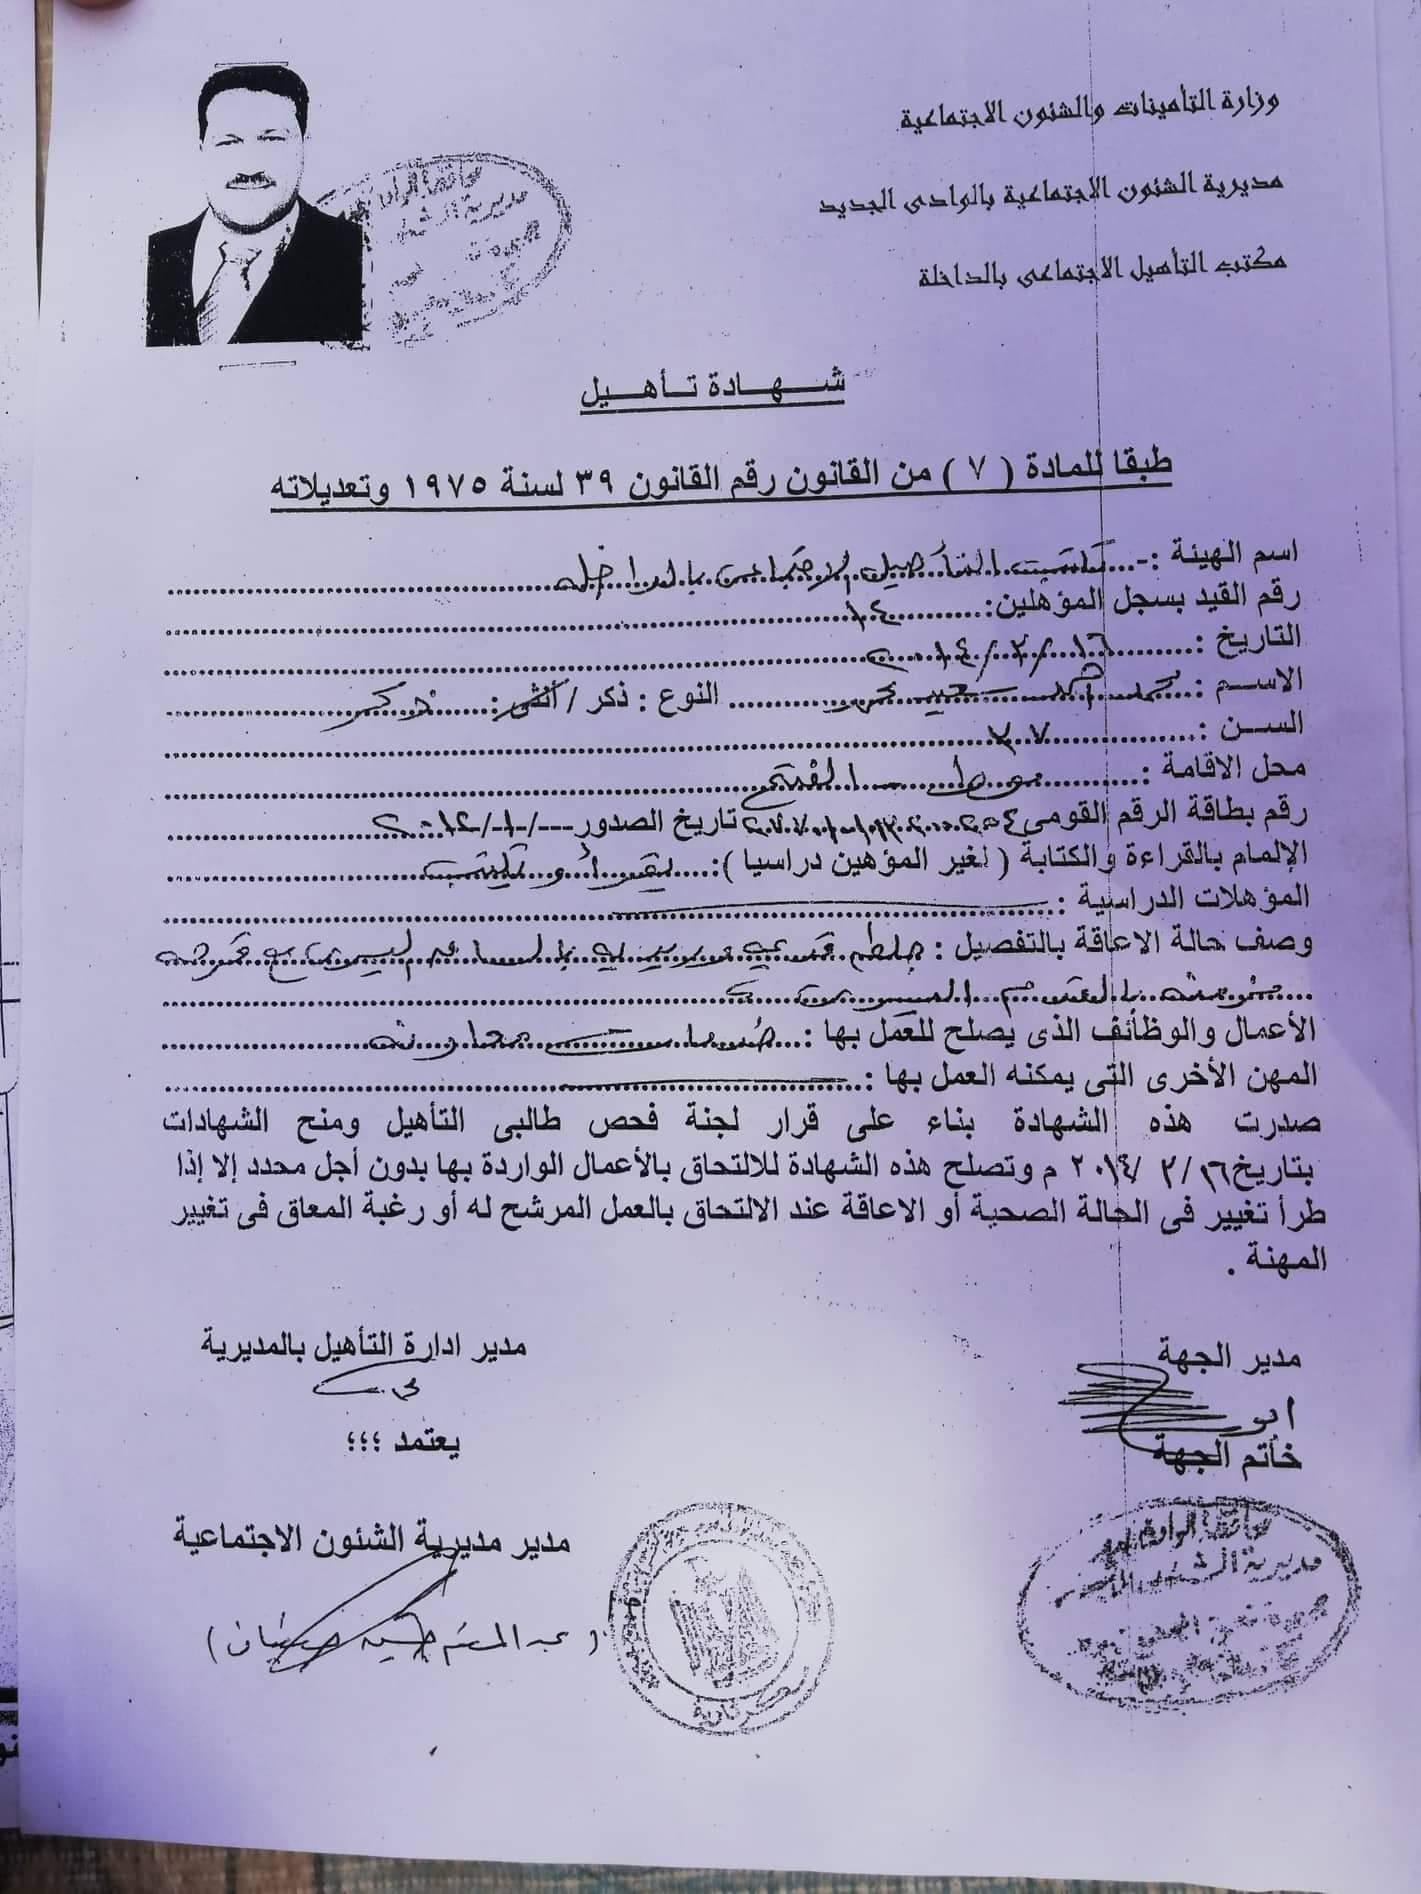 محمد أحمد سعيد شاب من أهالى مدينة موط بالداخلة (16)